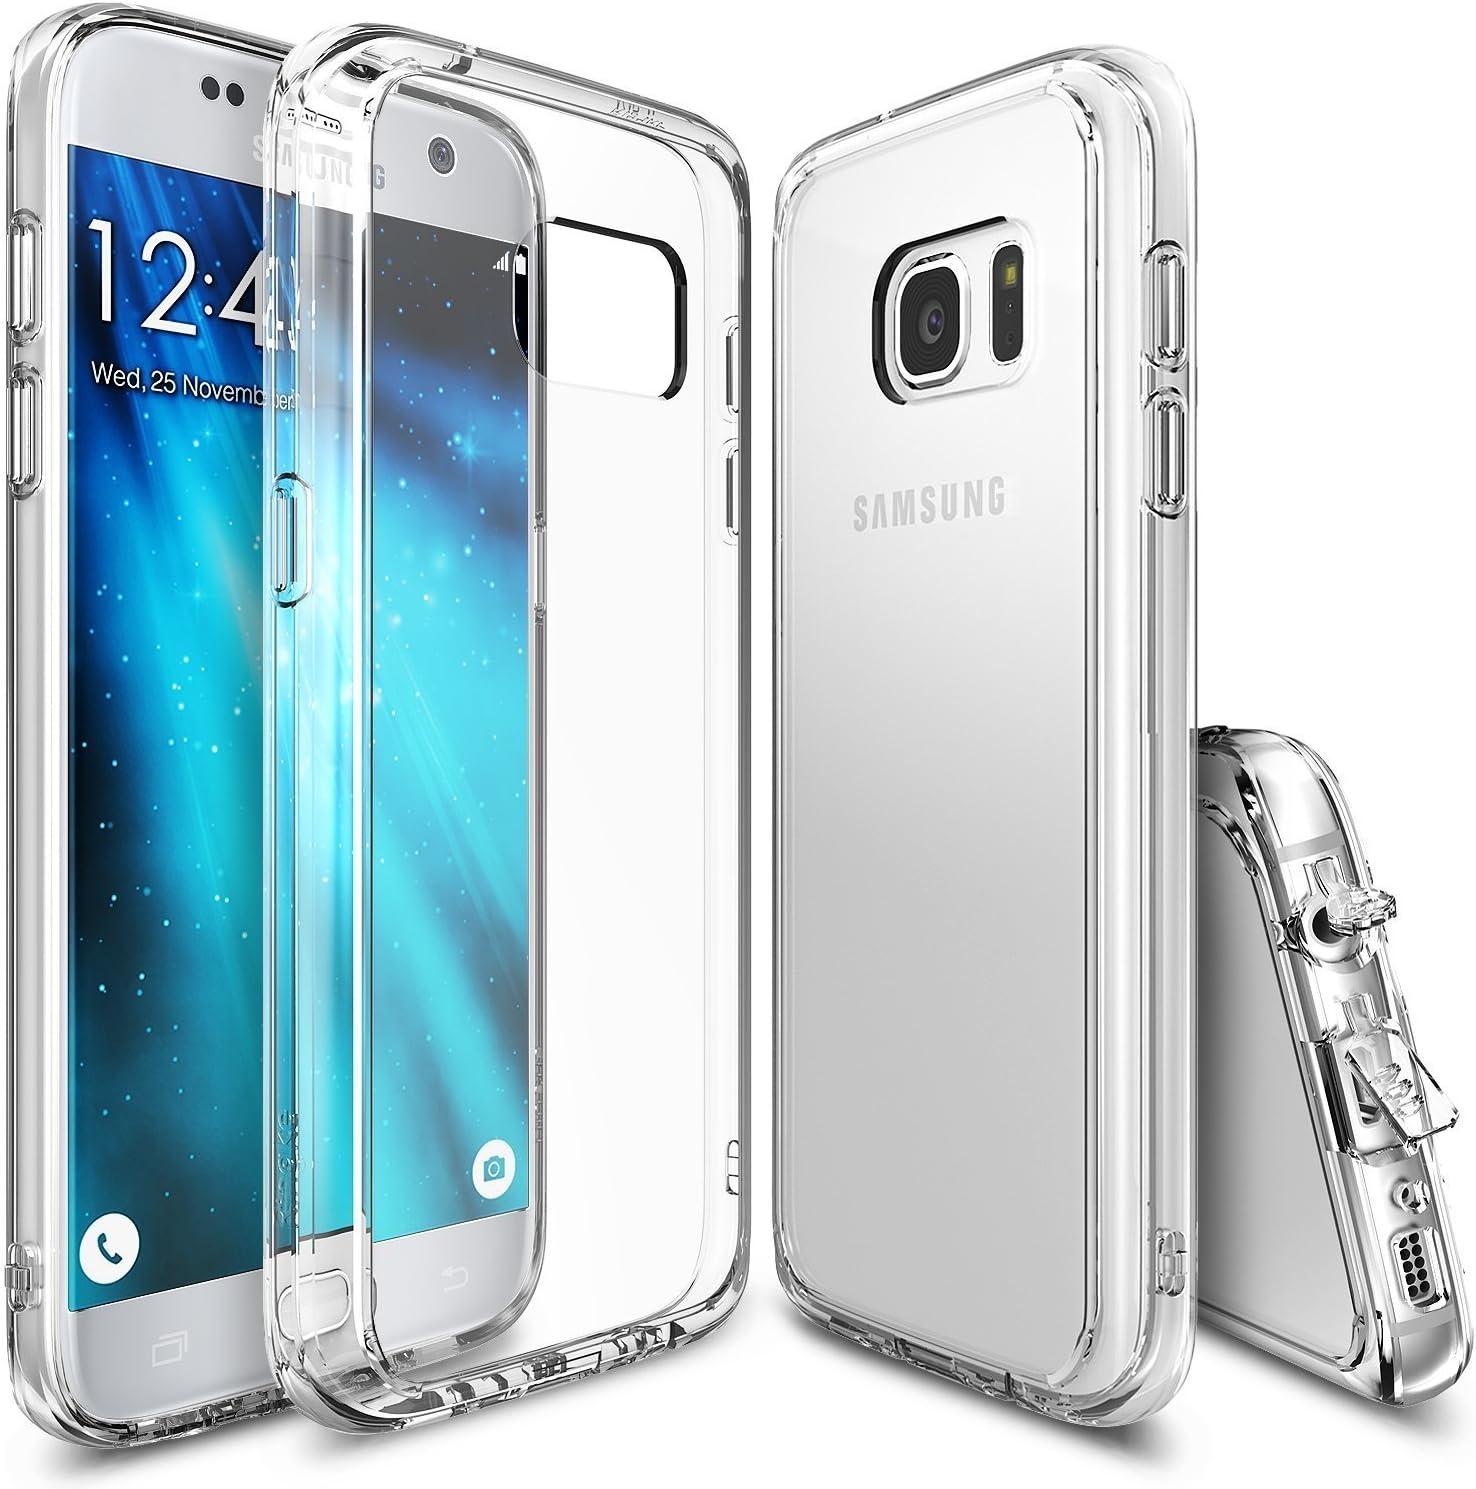 Ringke Funda Galaxy S7, [Fusion] Choque Absorción TPU Parachoques [Choque Tecnología Absorción][Conviviente tapón Antipolvo] para Samsung Galaxy S7 - Clear: Amazon.es: Informática